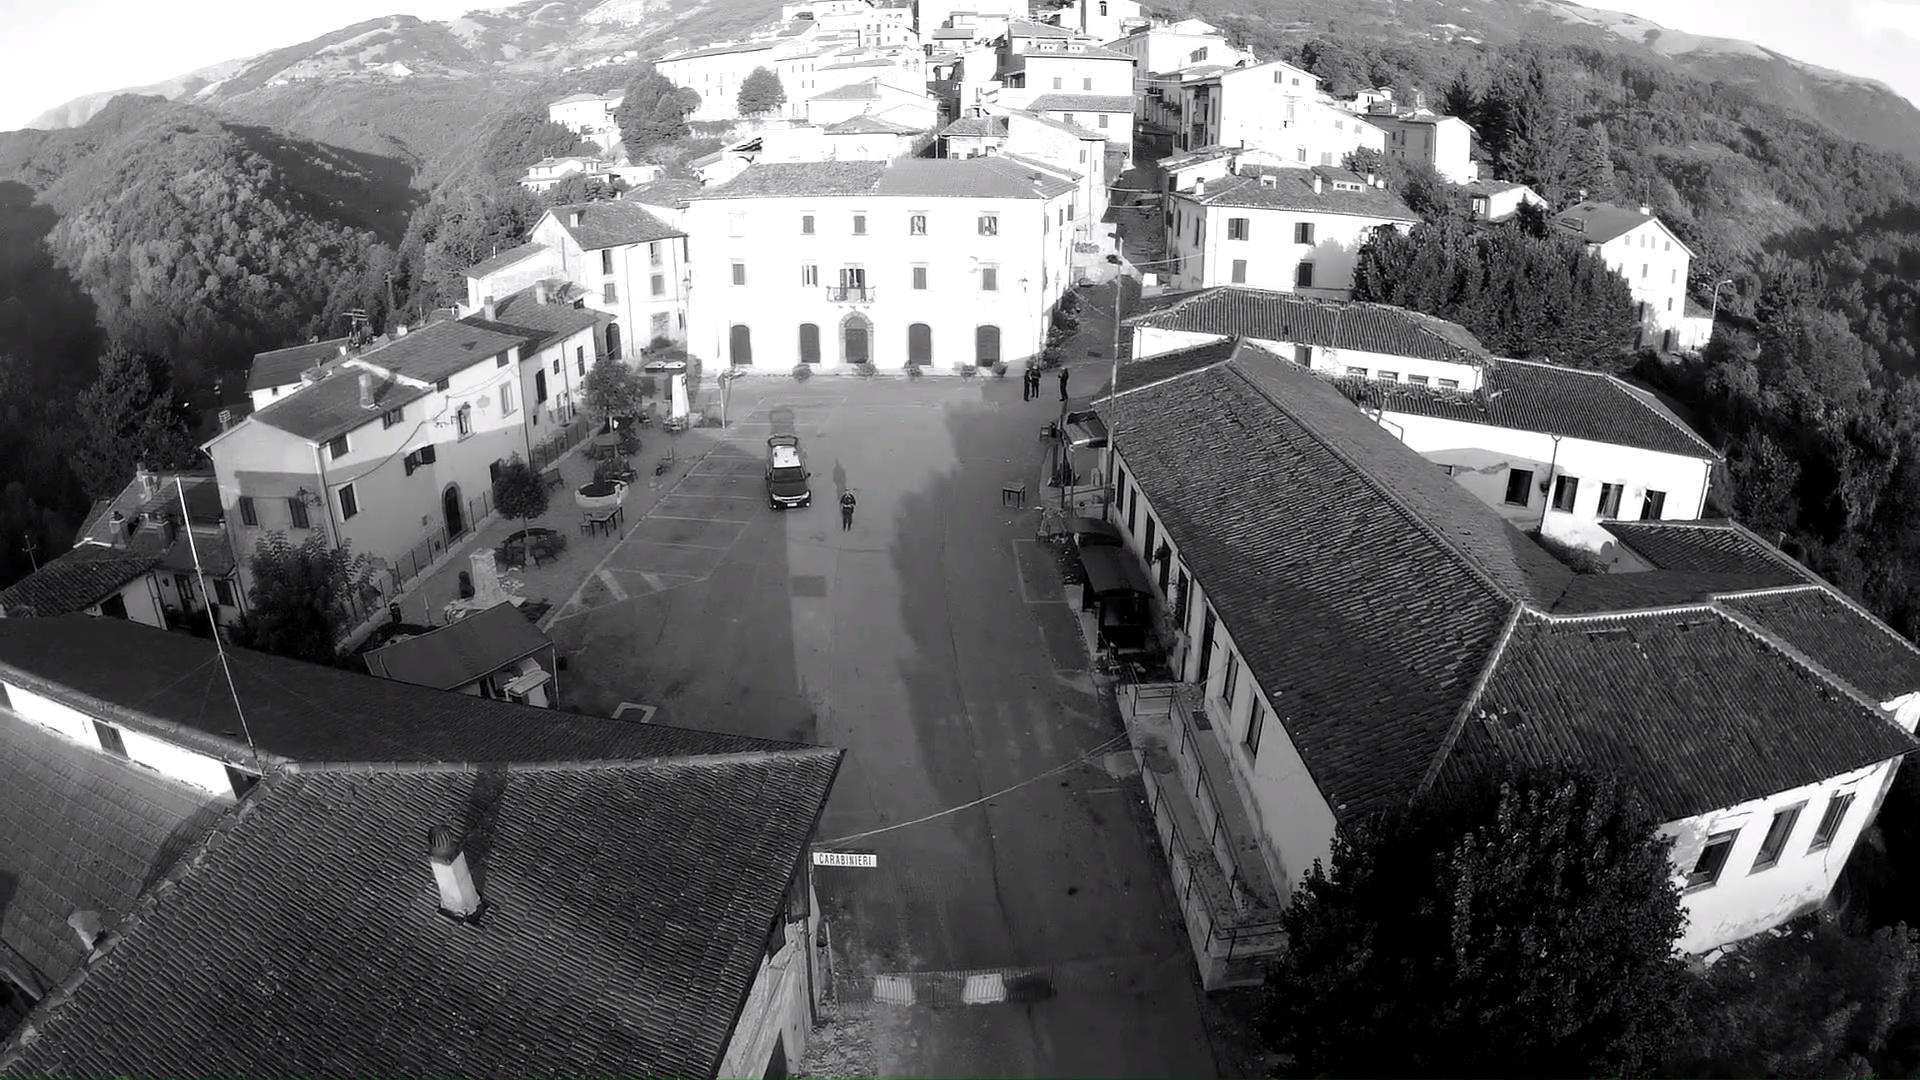 Vista dall'alto di Accumoli - Settembre 2016